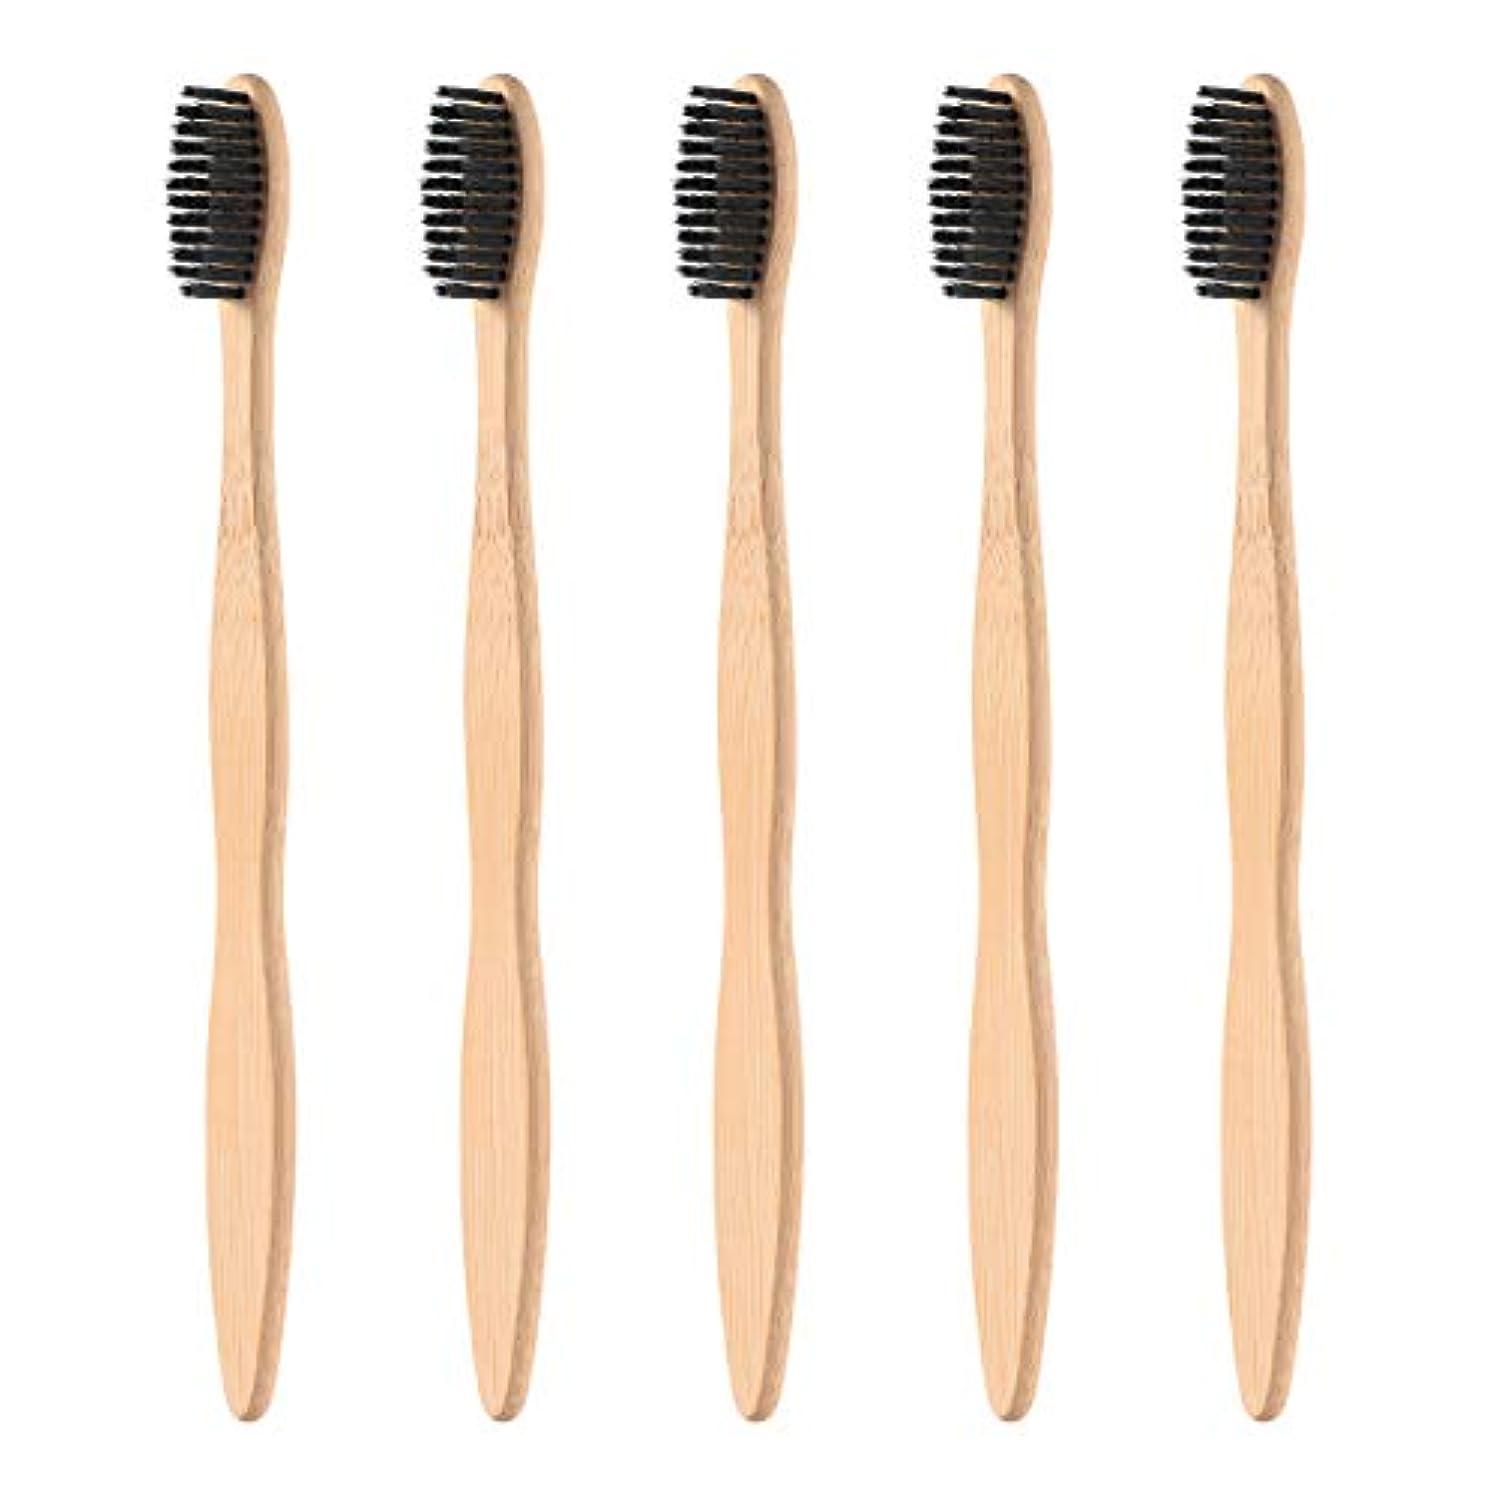 狂乱付添人エミュレートするSUPVOX 5本の天然竹製の歯ブラシ木製エコフレンドリーな歯ブラシで黒く柔らかい剛毛